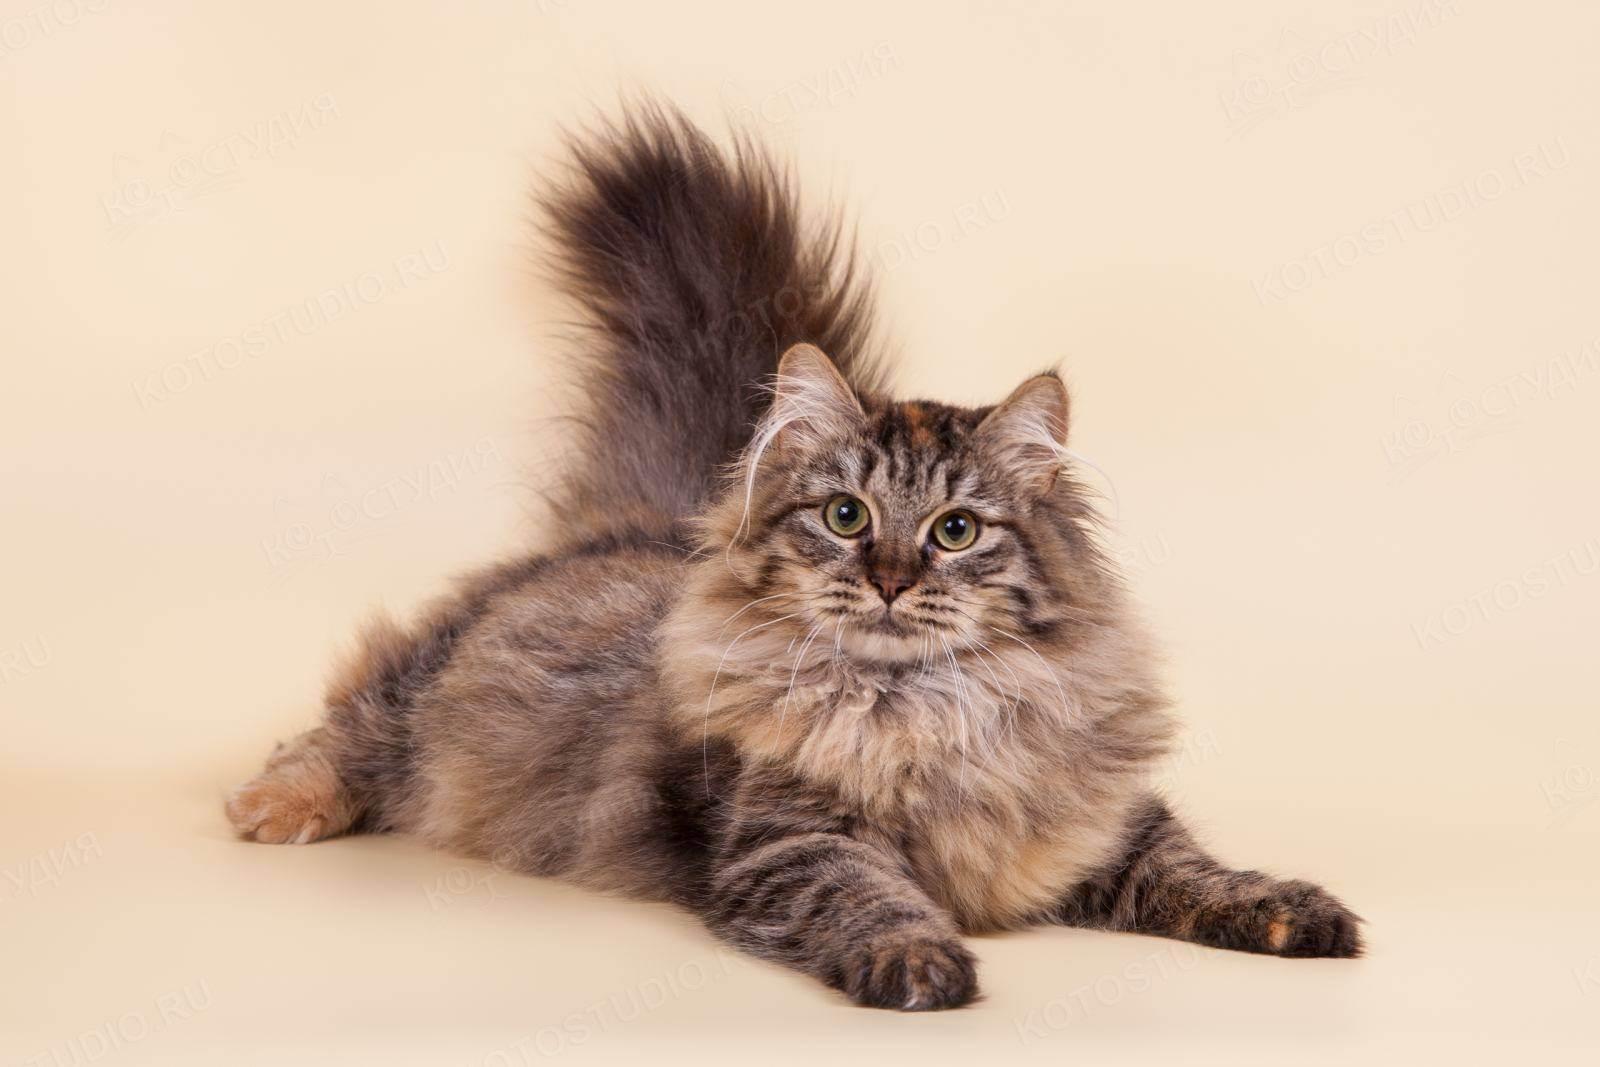 Сибирская кошка: описание породы, стандарты, характер